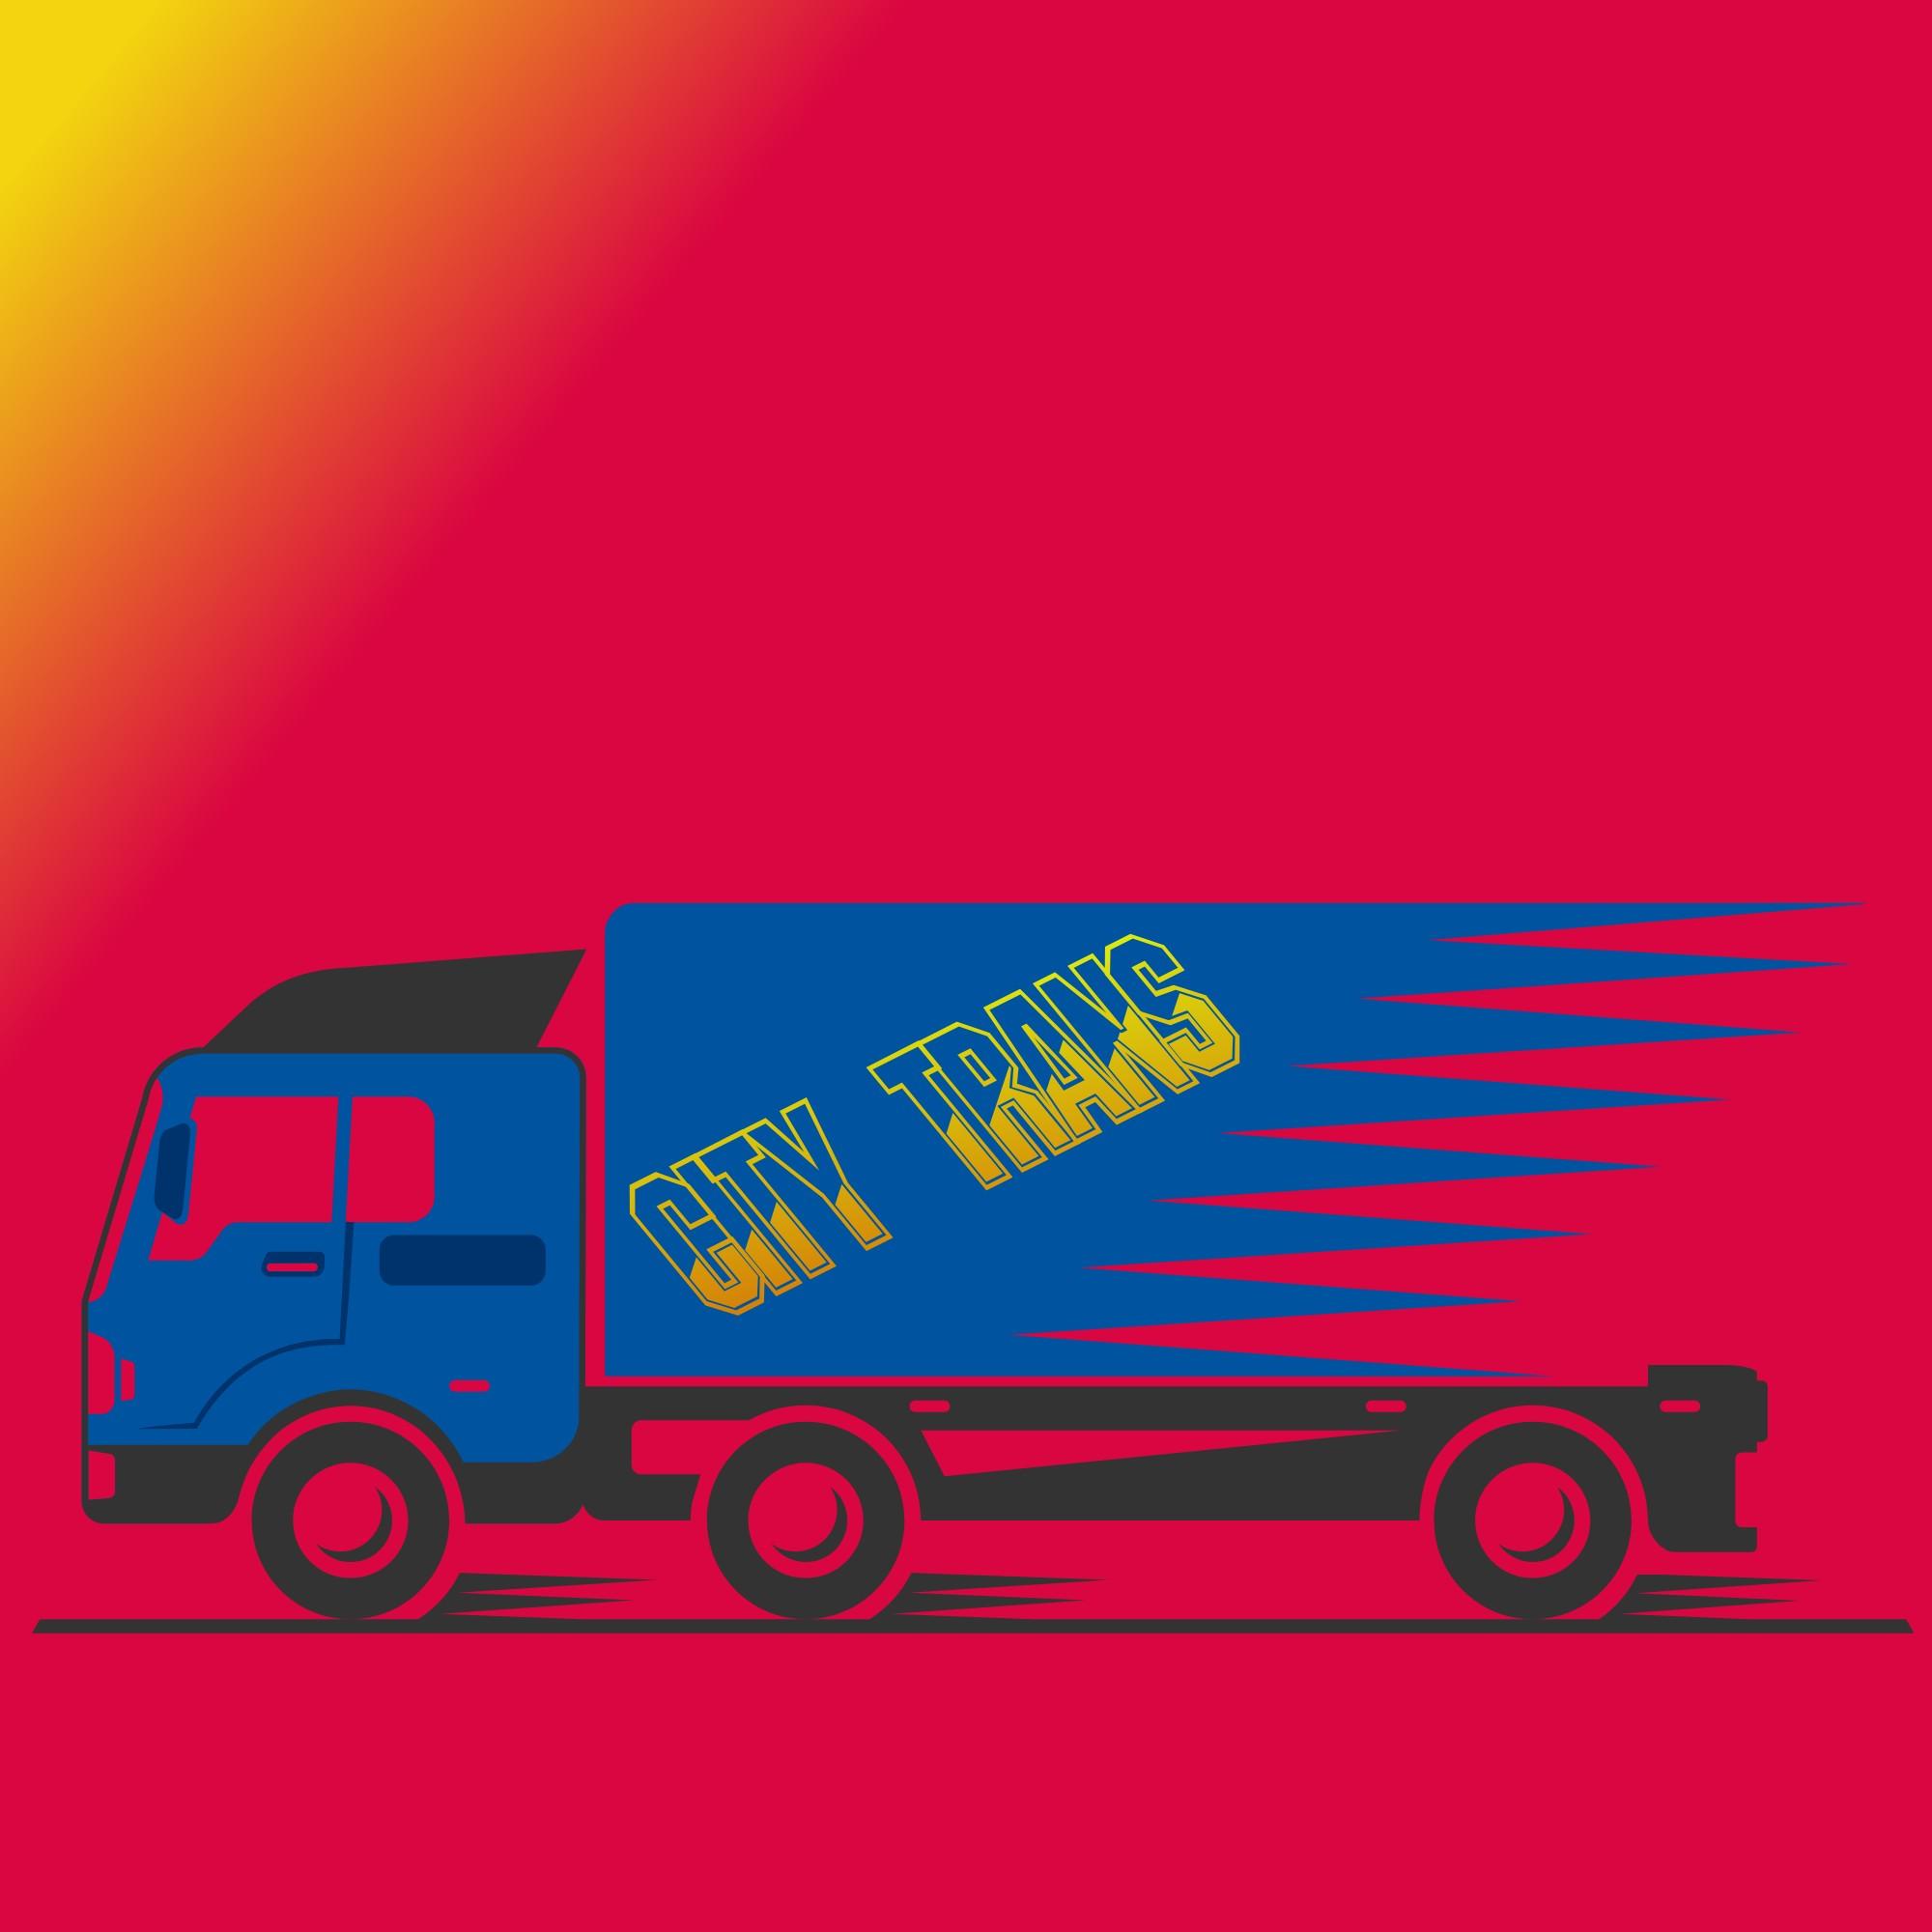 Разработка Логотипа транспортной компании фото f_9745e6ceb037e5e5.jpg